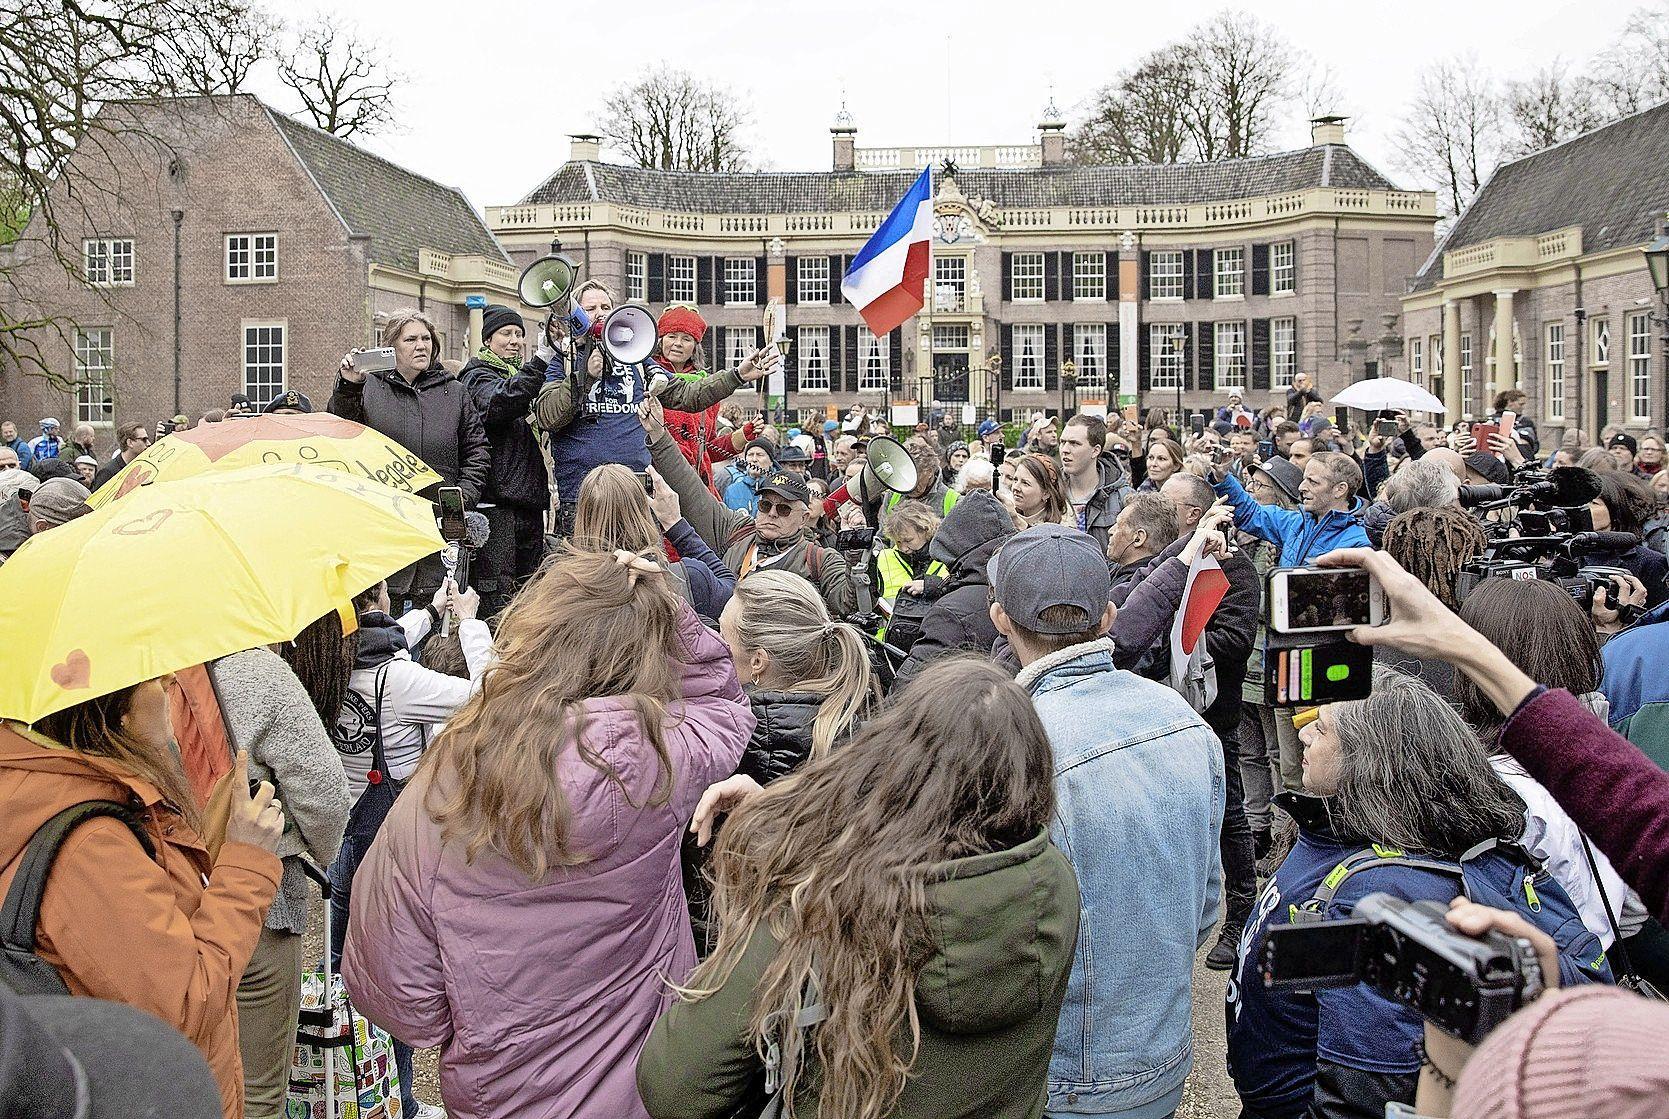 Burgemeester Mark Röell verbolgen over te laat telefoontje van politie over coronademonstratie; Politie had al aanwijzingen, maar Baarn werd pas gebeld toen er niets meer aan te doen was